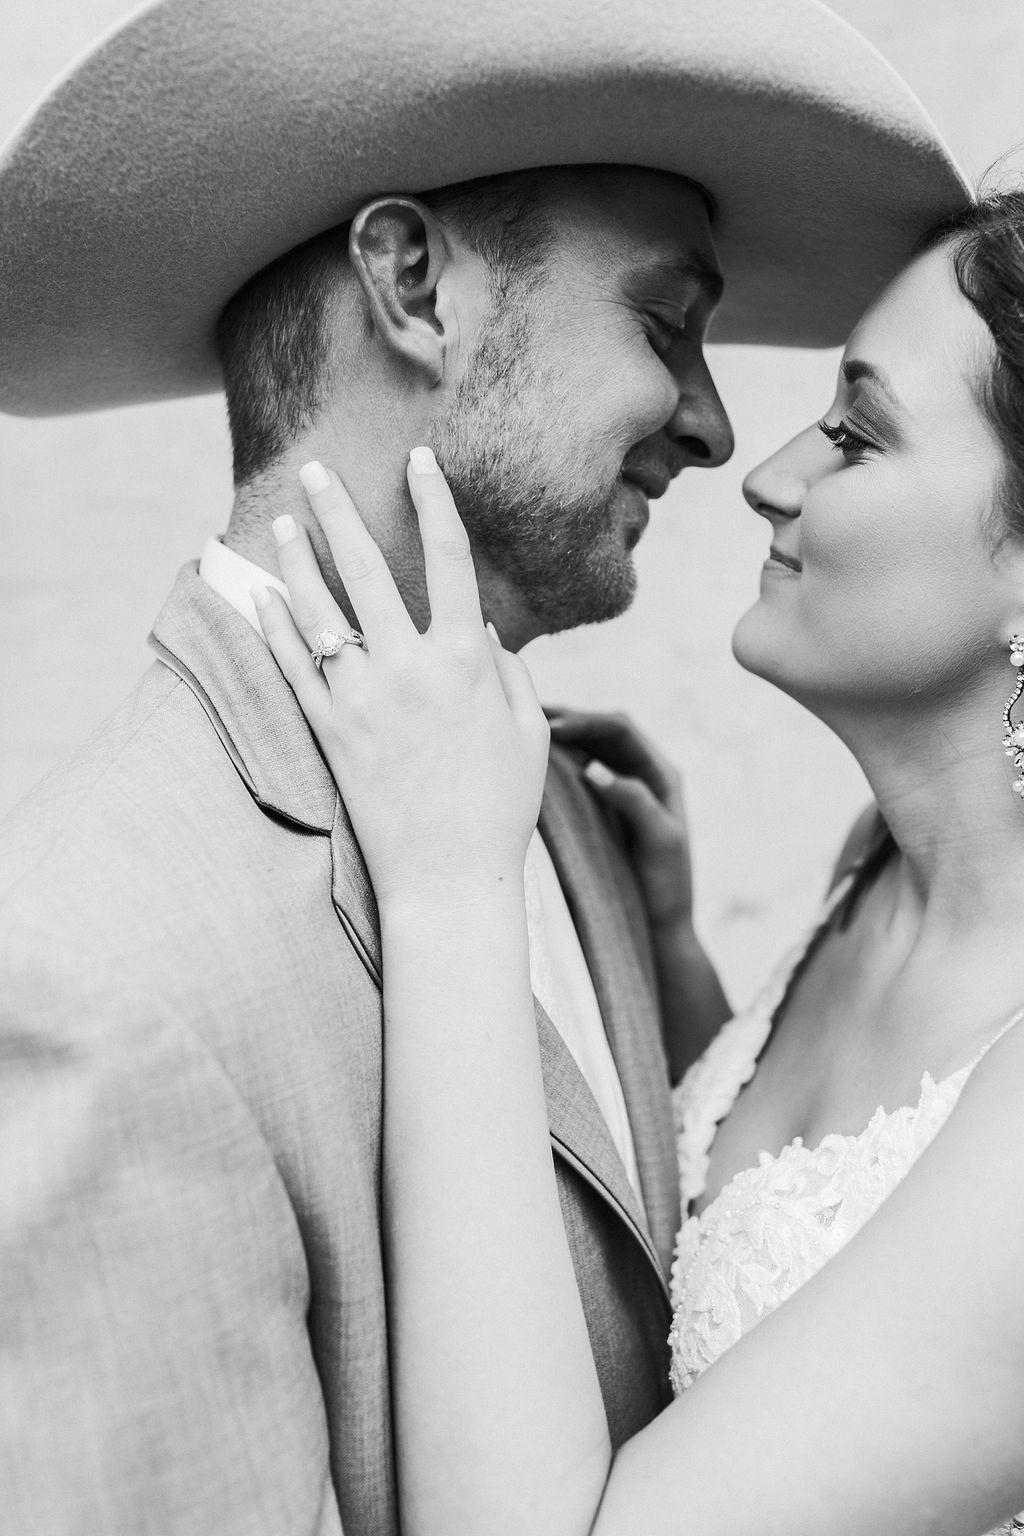 Epoch Co+ Destination wedding planner | First Look Photo Ideas with Groom | Rockin Star Ranch, Brenham Wedding Venue | Velvet + Wire Photography | Austin Wedding Planner | Black + White Image